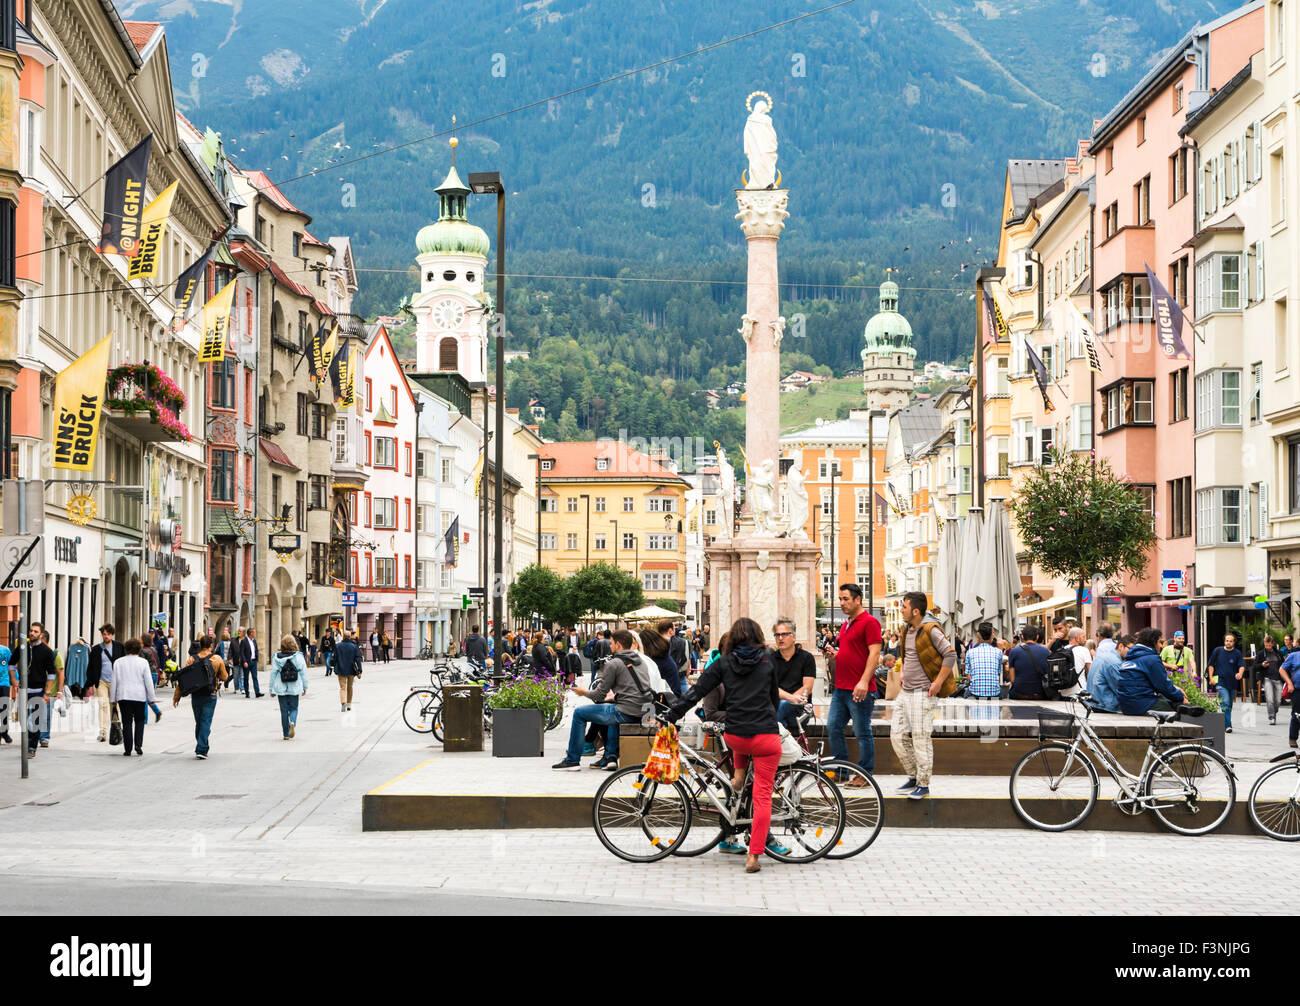 En Innsbruck, Austria - 22 de septiembre: los turistas en la zona peatonal de Innsbruck (Austria) el 22 de septiembre Imagen De Stock